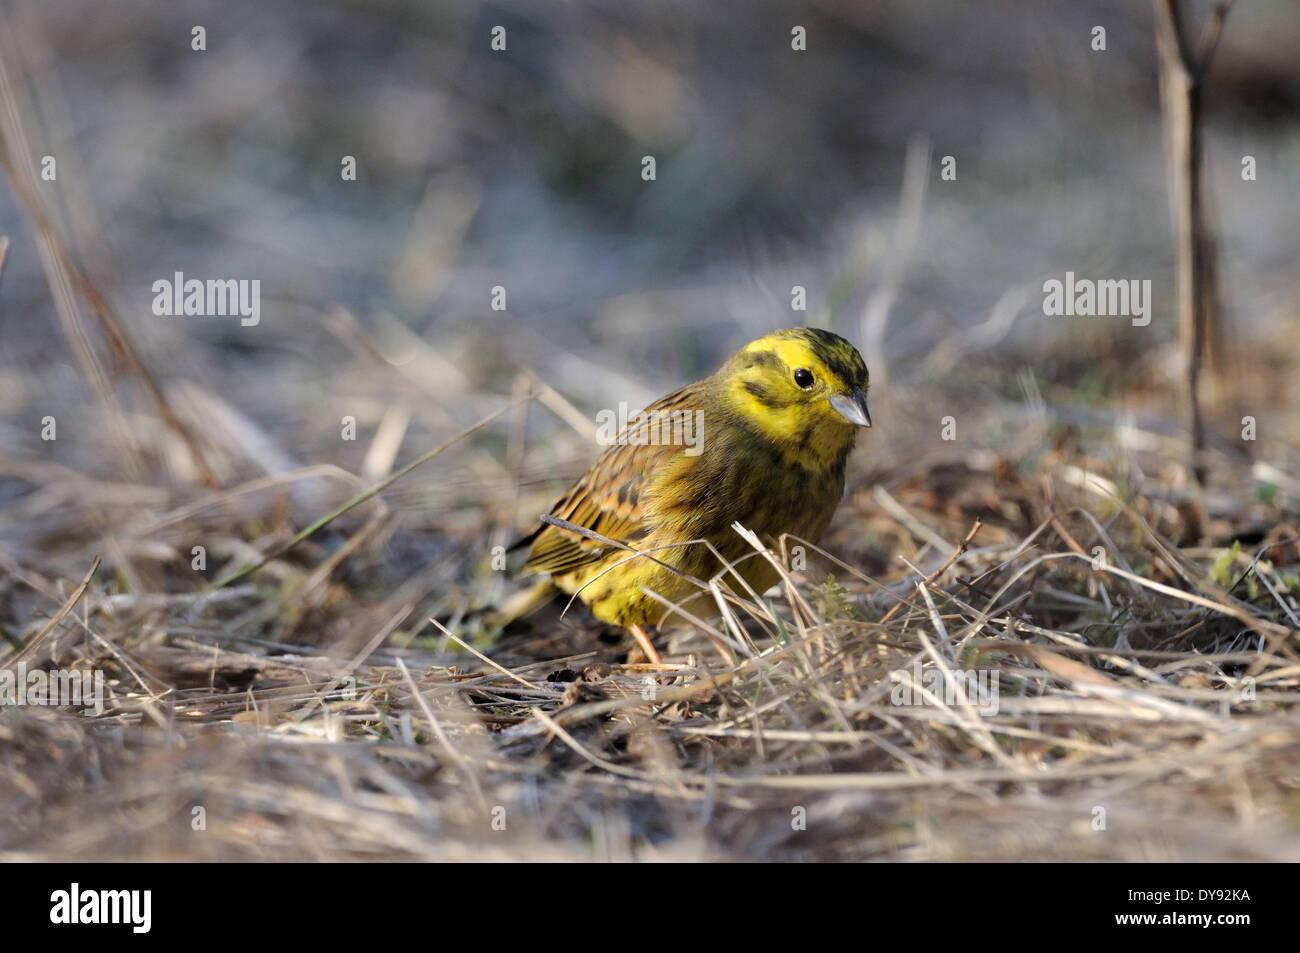 Yellowhammer, Emberiza citrinella, yellowhammers, songbirds, passerines, birds, bird, animal, animals, Germany, Europe, - Stock Image